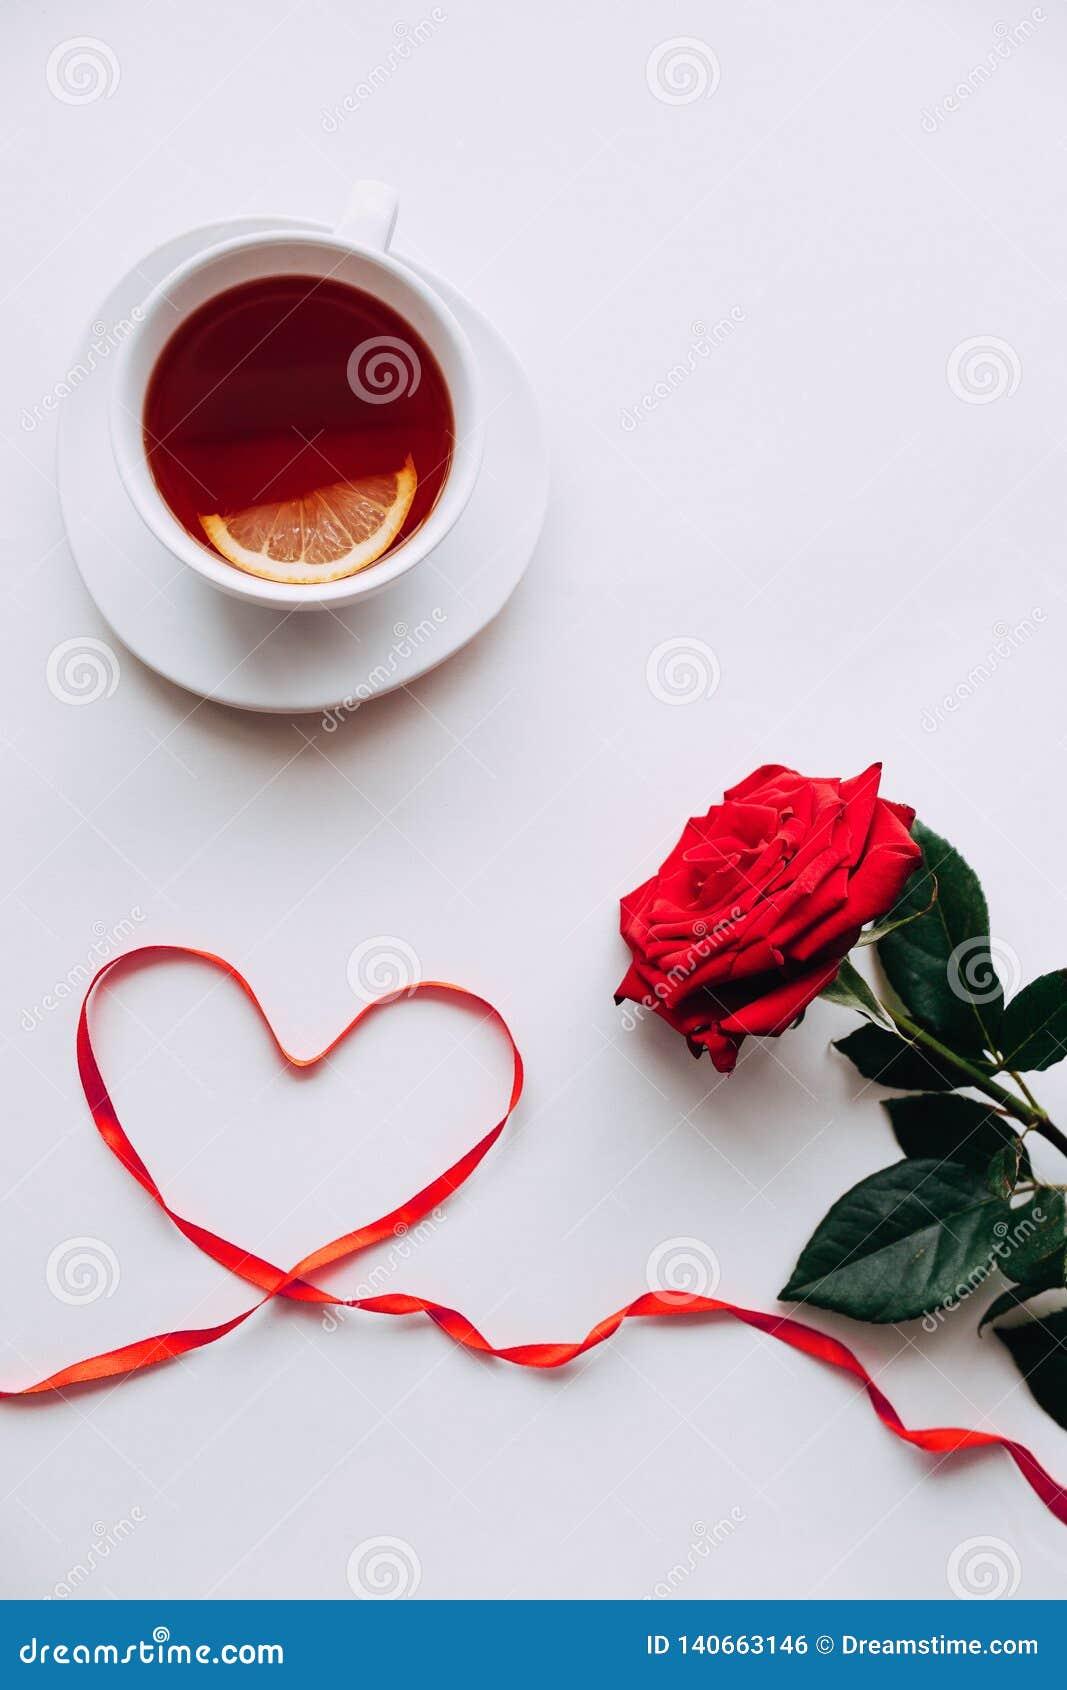 Κόκκινος αυξήθηκε σε ένα άσπρο υπόβαθρο, κορδέλλα στην καρδιά του IDE μέχρι τις 8 Μαρτίου